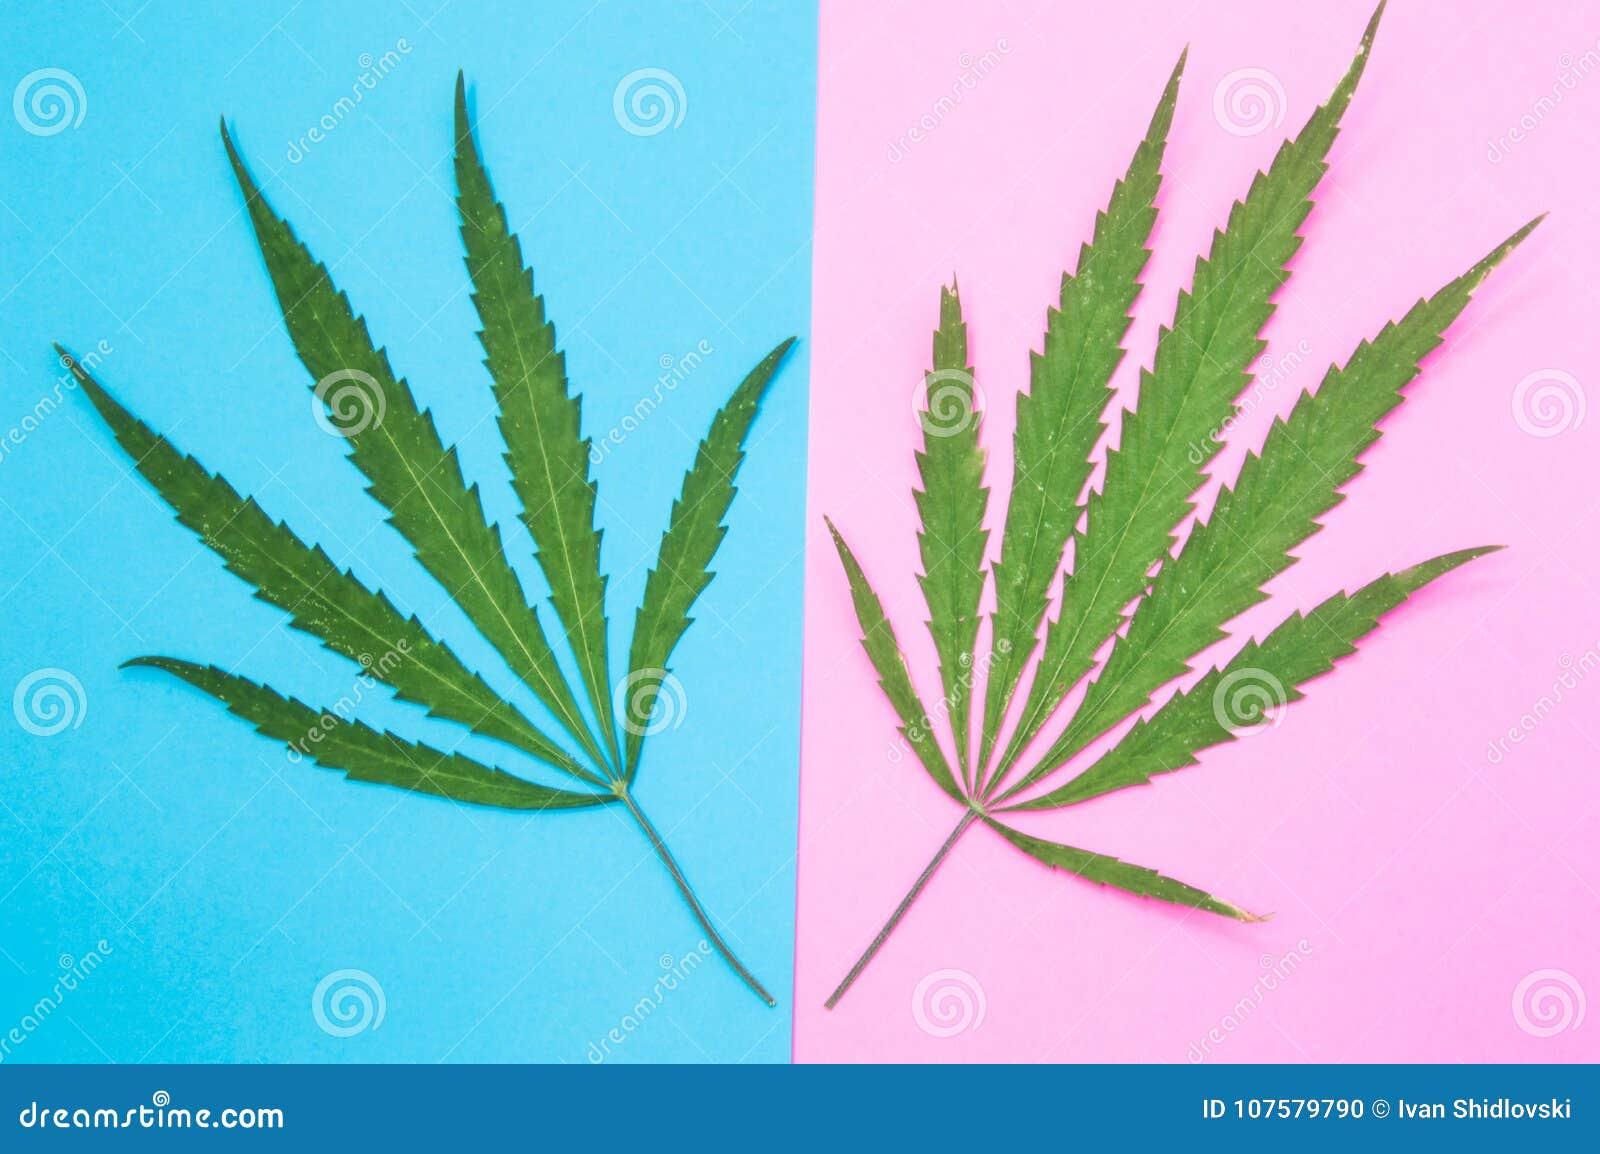 чудо трава марихуана